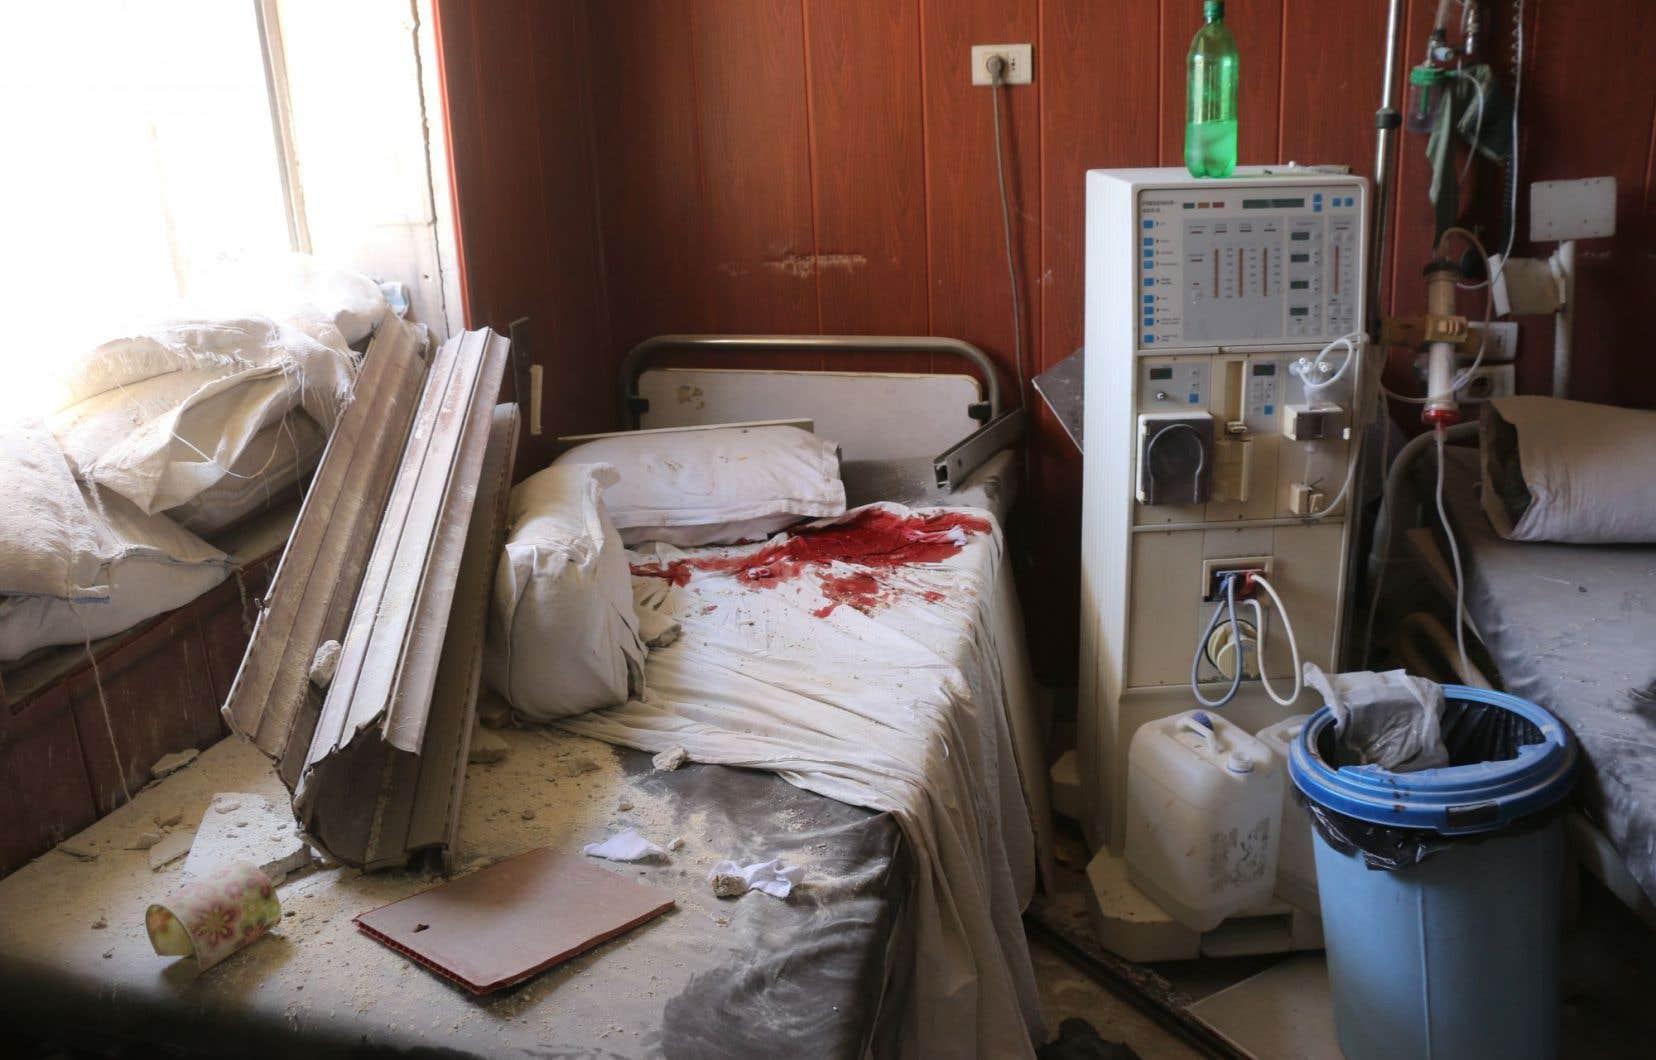 L'hôpital Omar bin Abdulaziz, situé dans un quartier du nord de la ville syrienne d'Alep, a été sérieusement endommagé par des bombardements du régime Al-Assad,